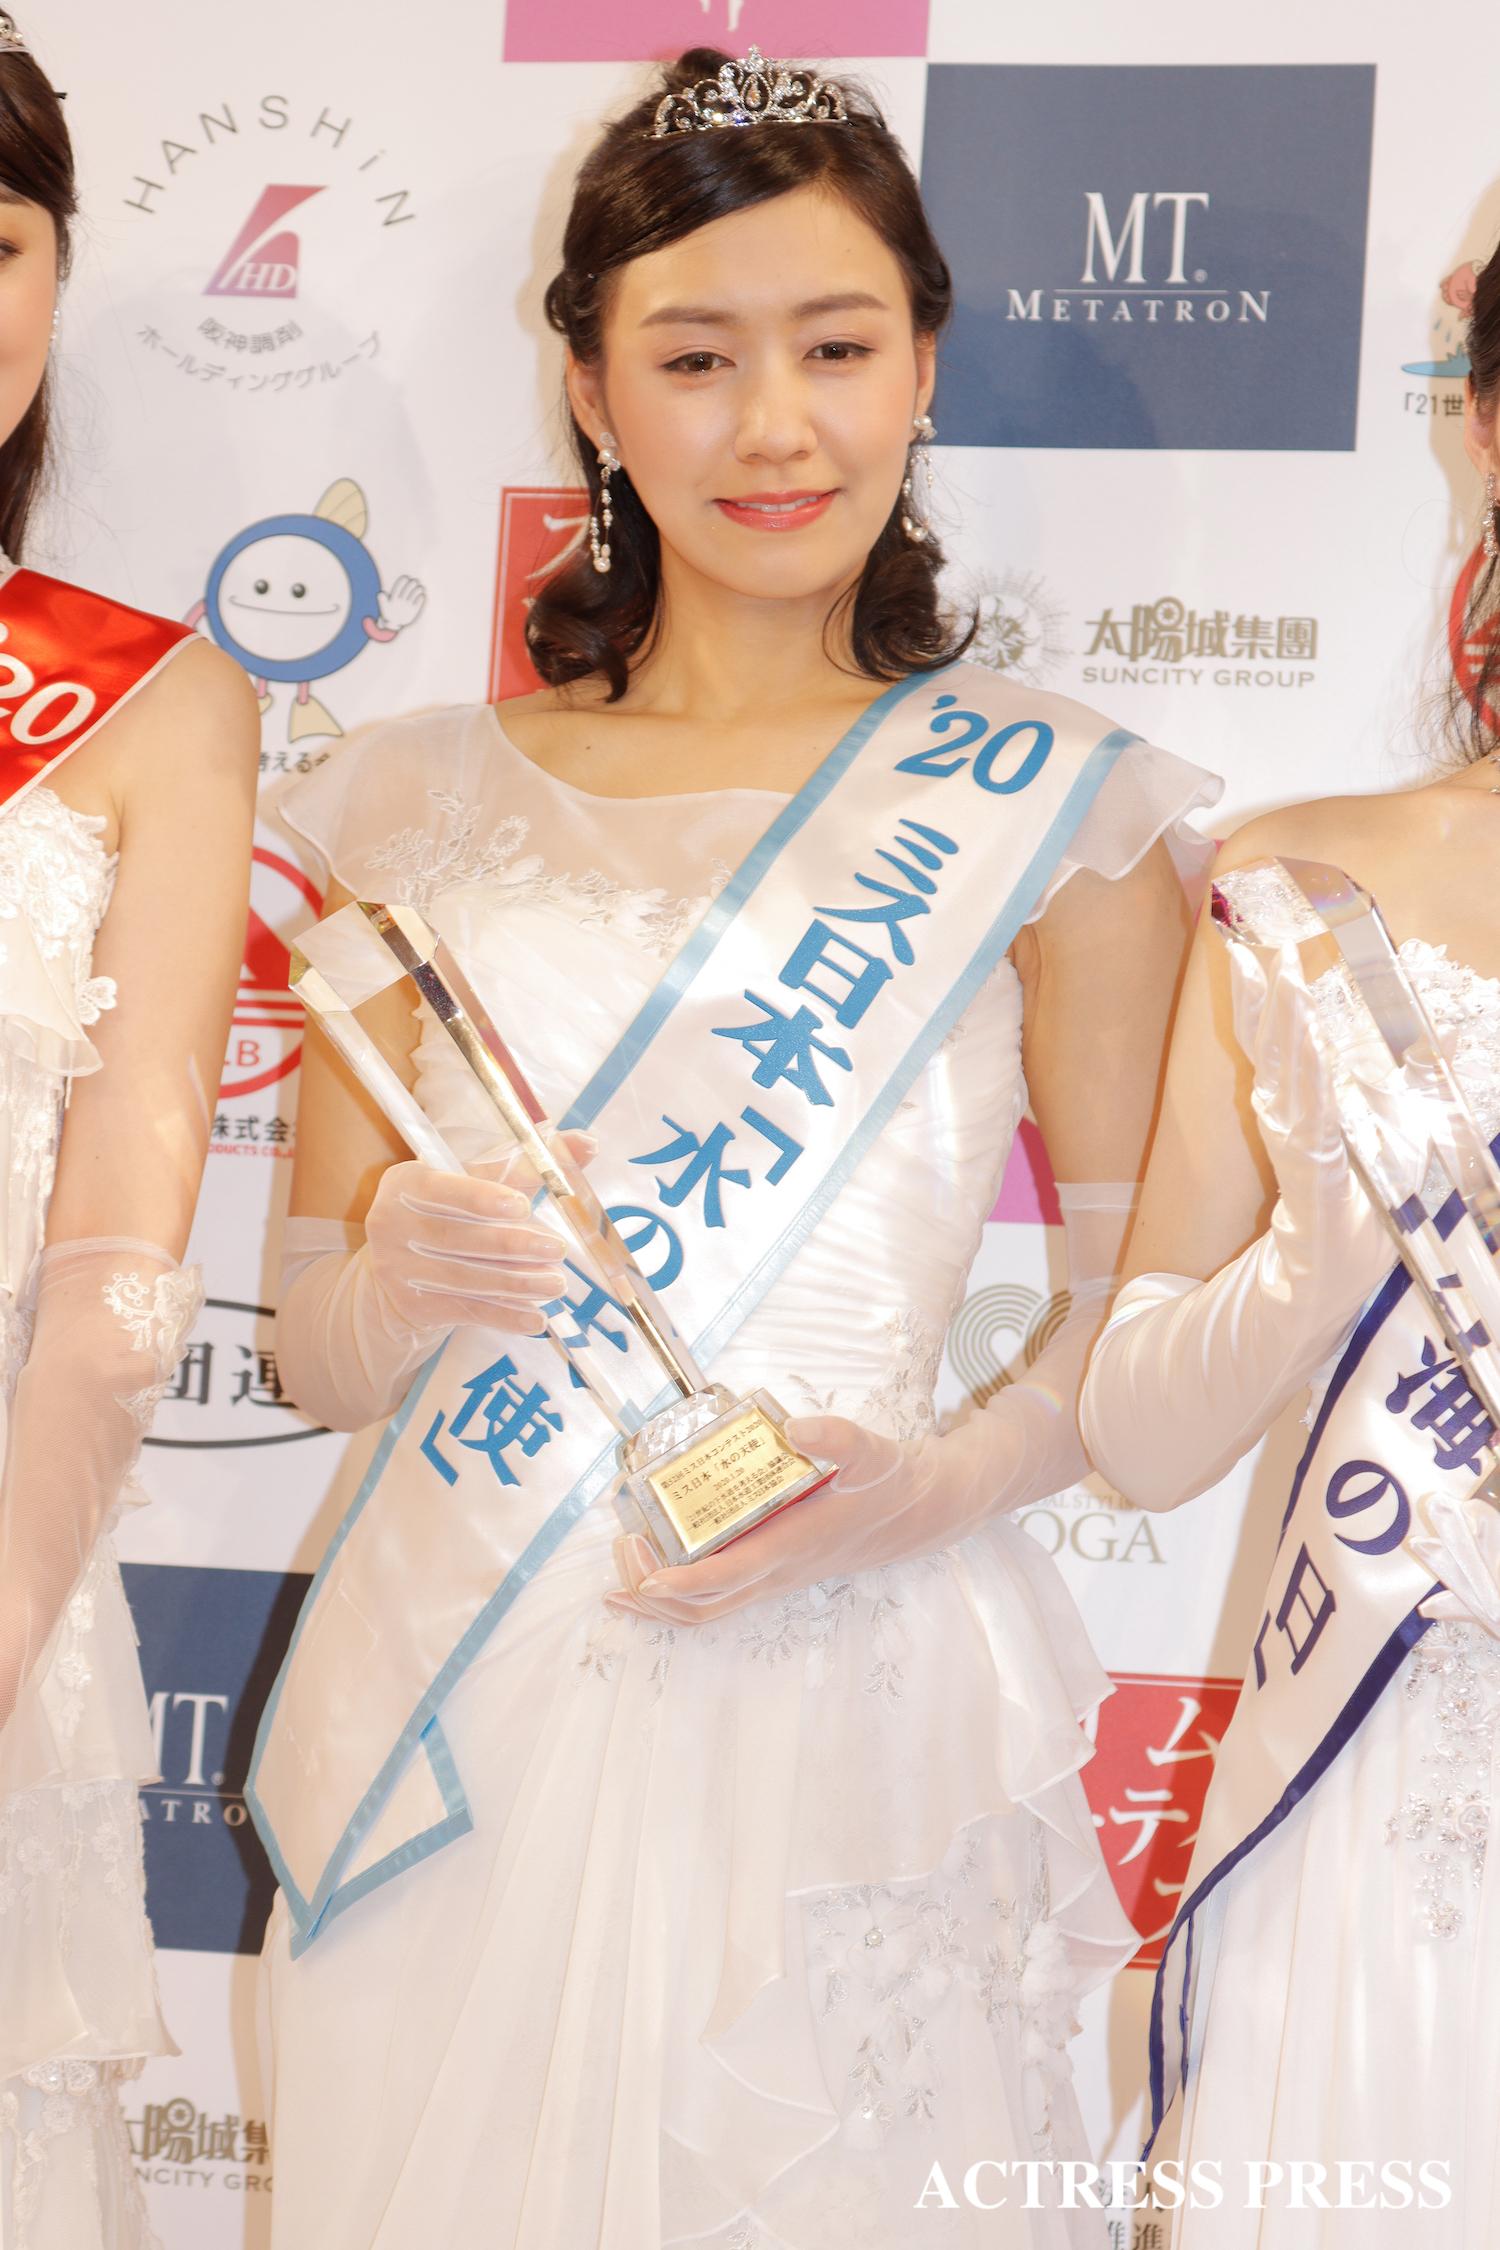 中村 真優/2020年1月20日(月)、『第52回ミス日本コンテスト2020』受賞者/撮影:ACTRESS PRESS編集部